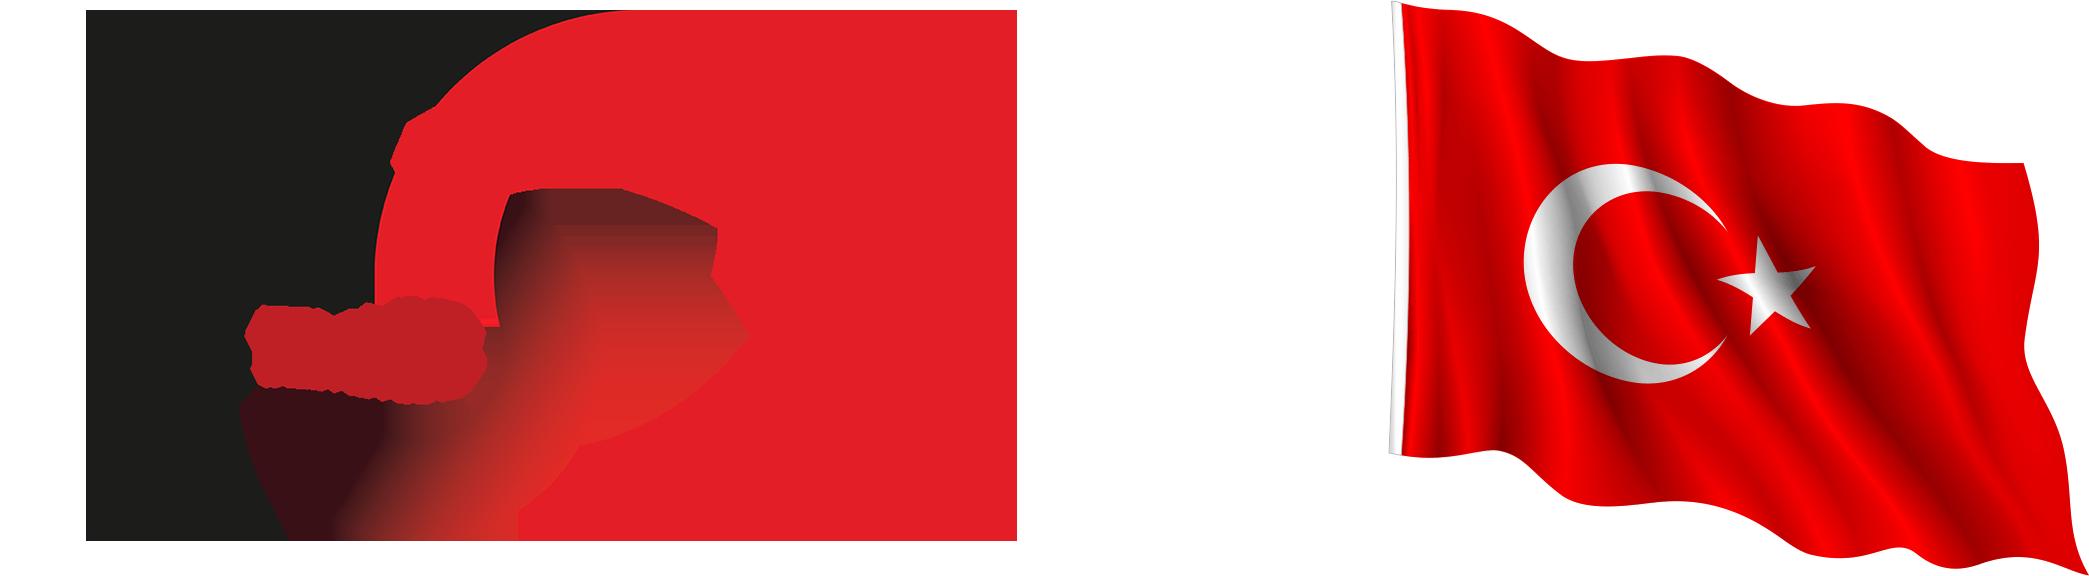 Konya Ovası Projesi (KOP) Bölge Kalkınma İdaresi Başkanlığı